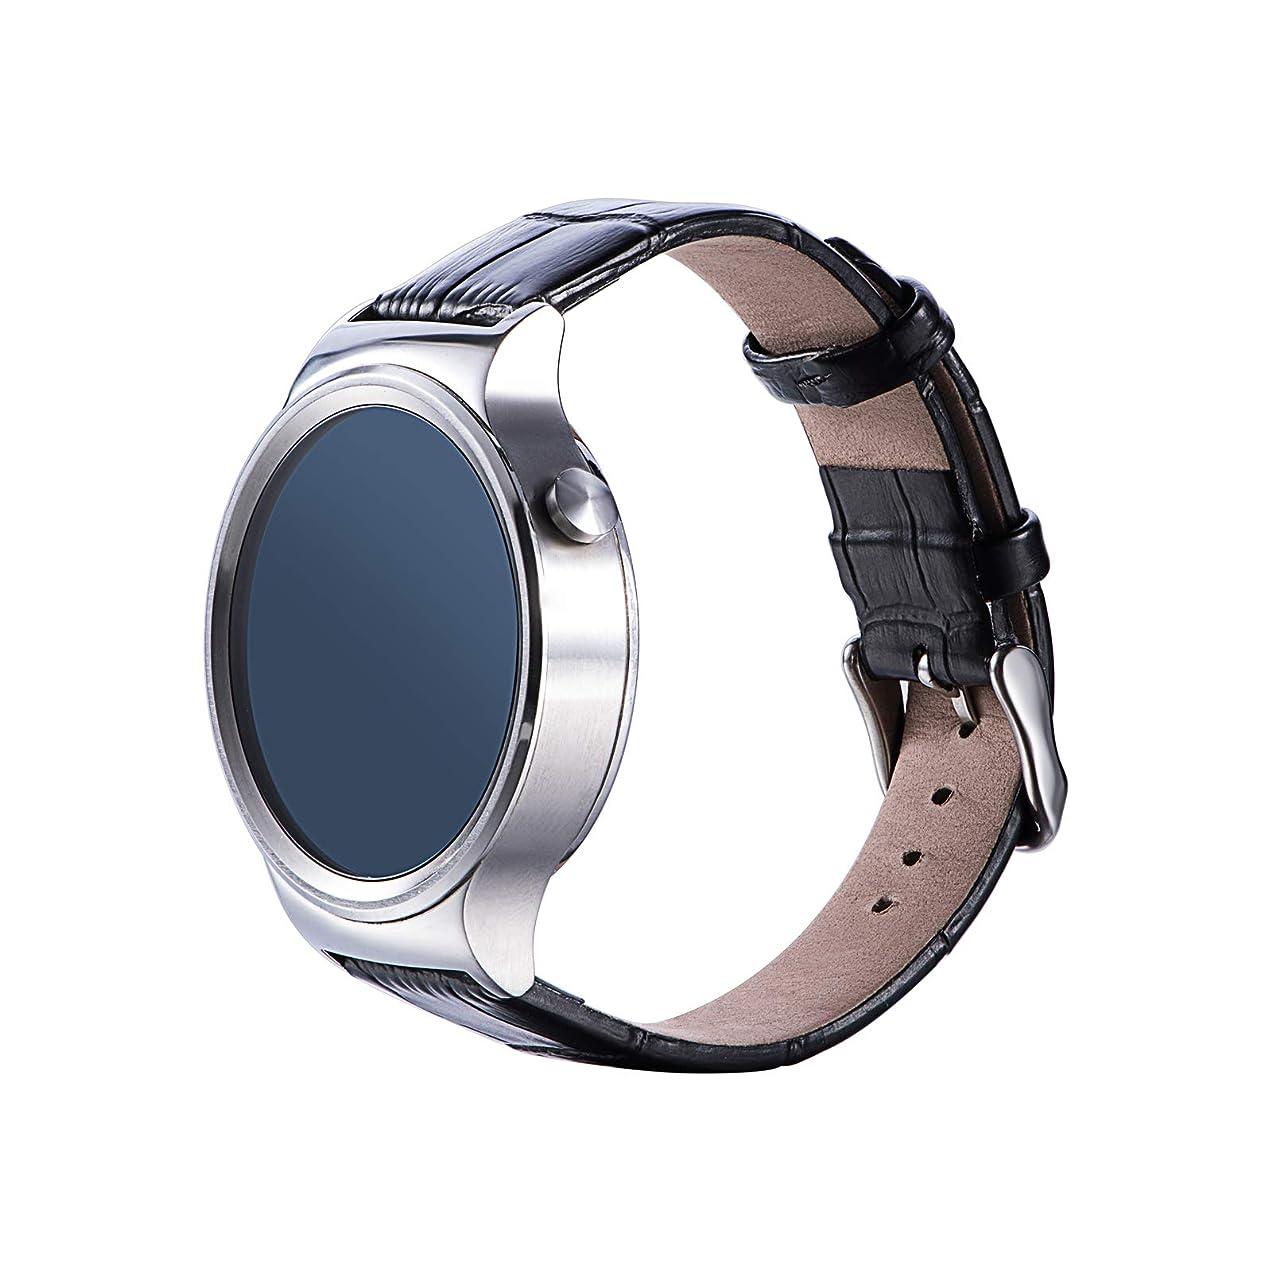 ナサニエル区チラチラする改修するHuawei Honor S1/Huawei Watch/Fit /Huawei B5スマートウォッチ 交換用バンド Comtax 18mm 天然皮革製腕時計ストラップ/バンド 交換ベルト (ブラック)